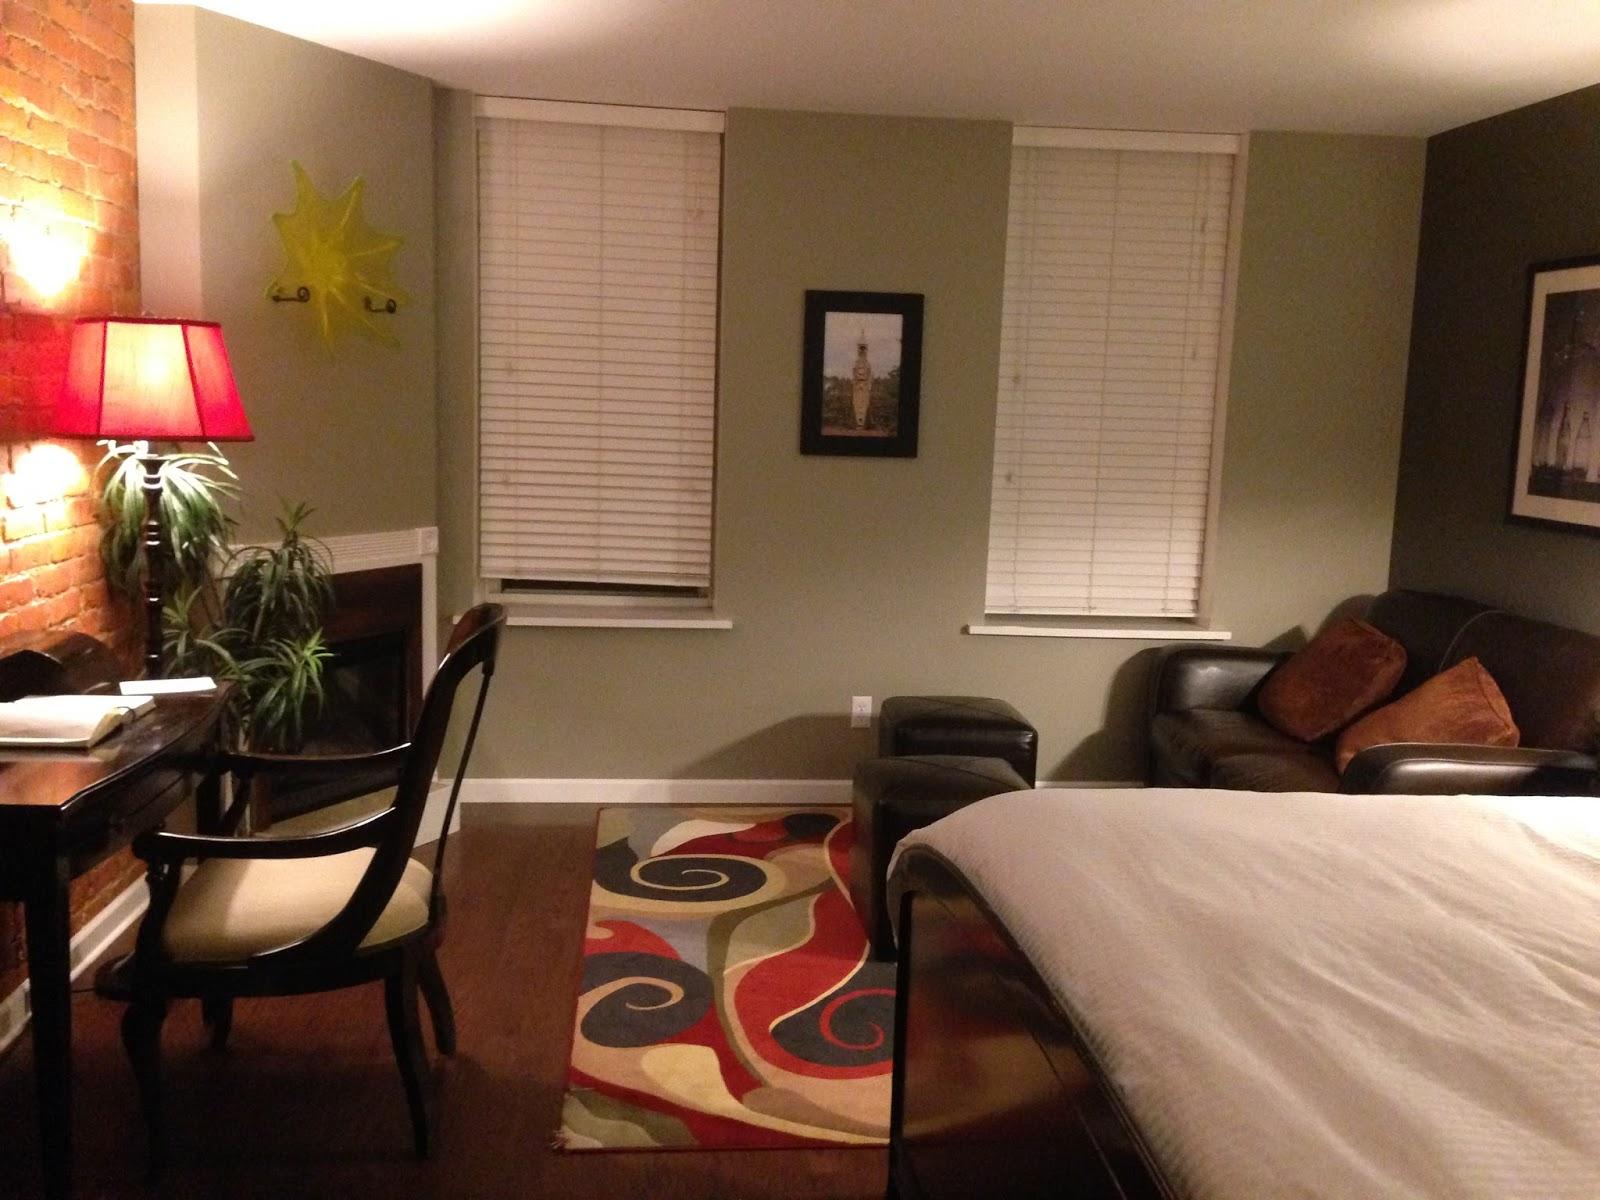 Fontana Hotel Room Rates